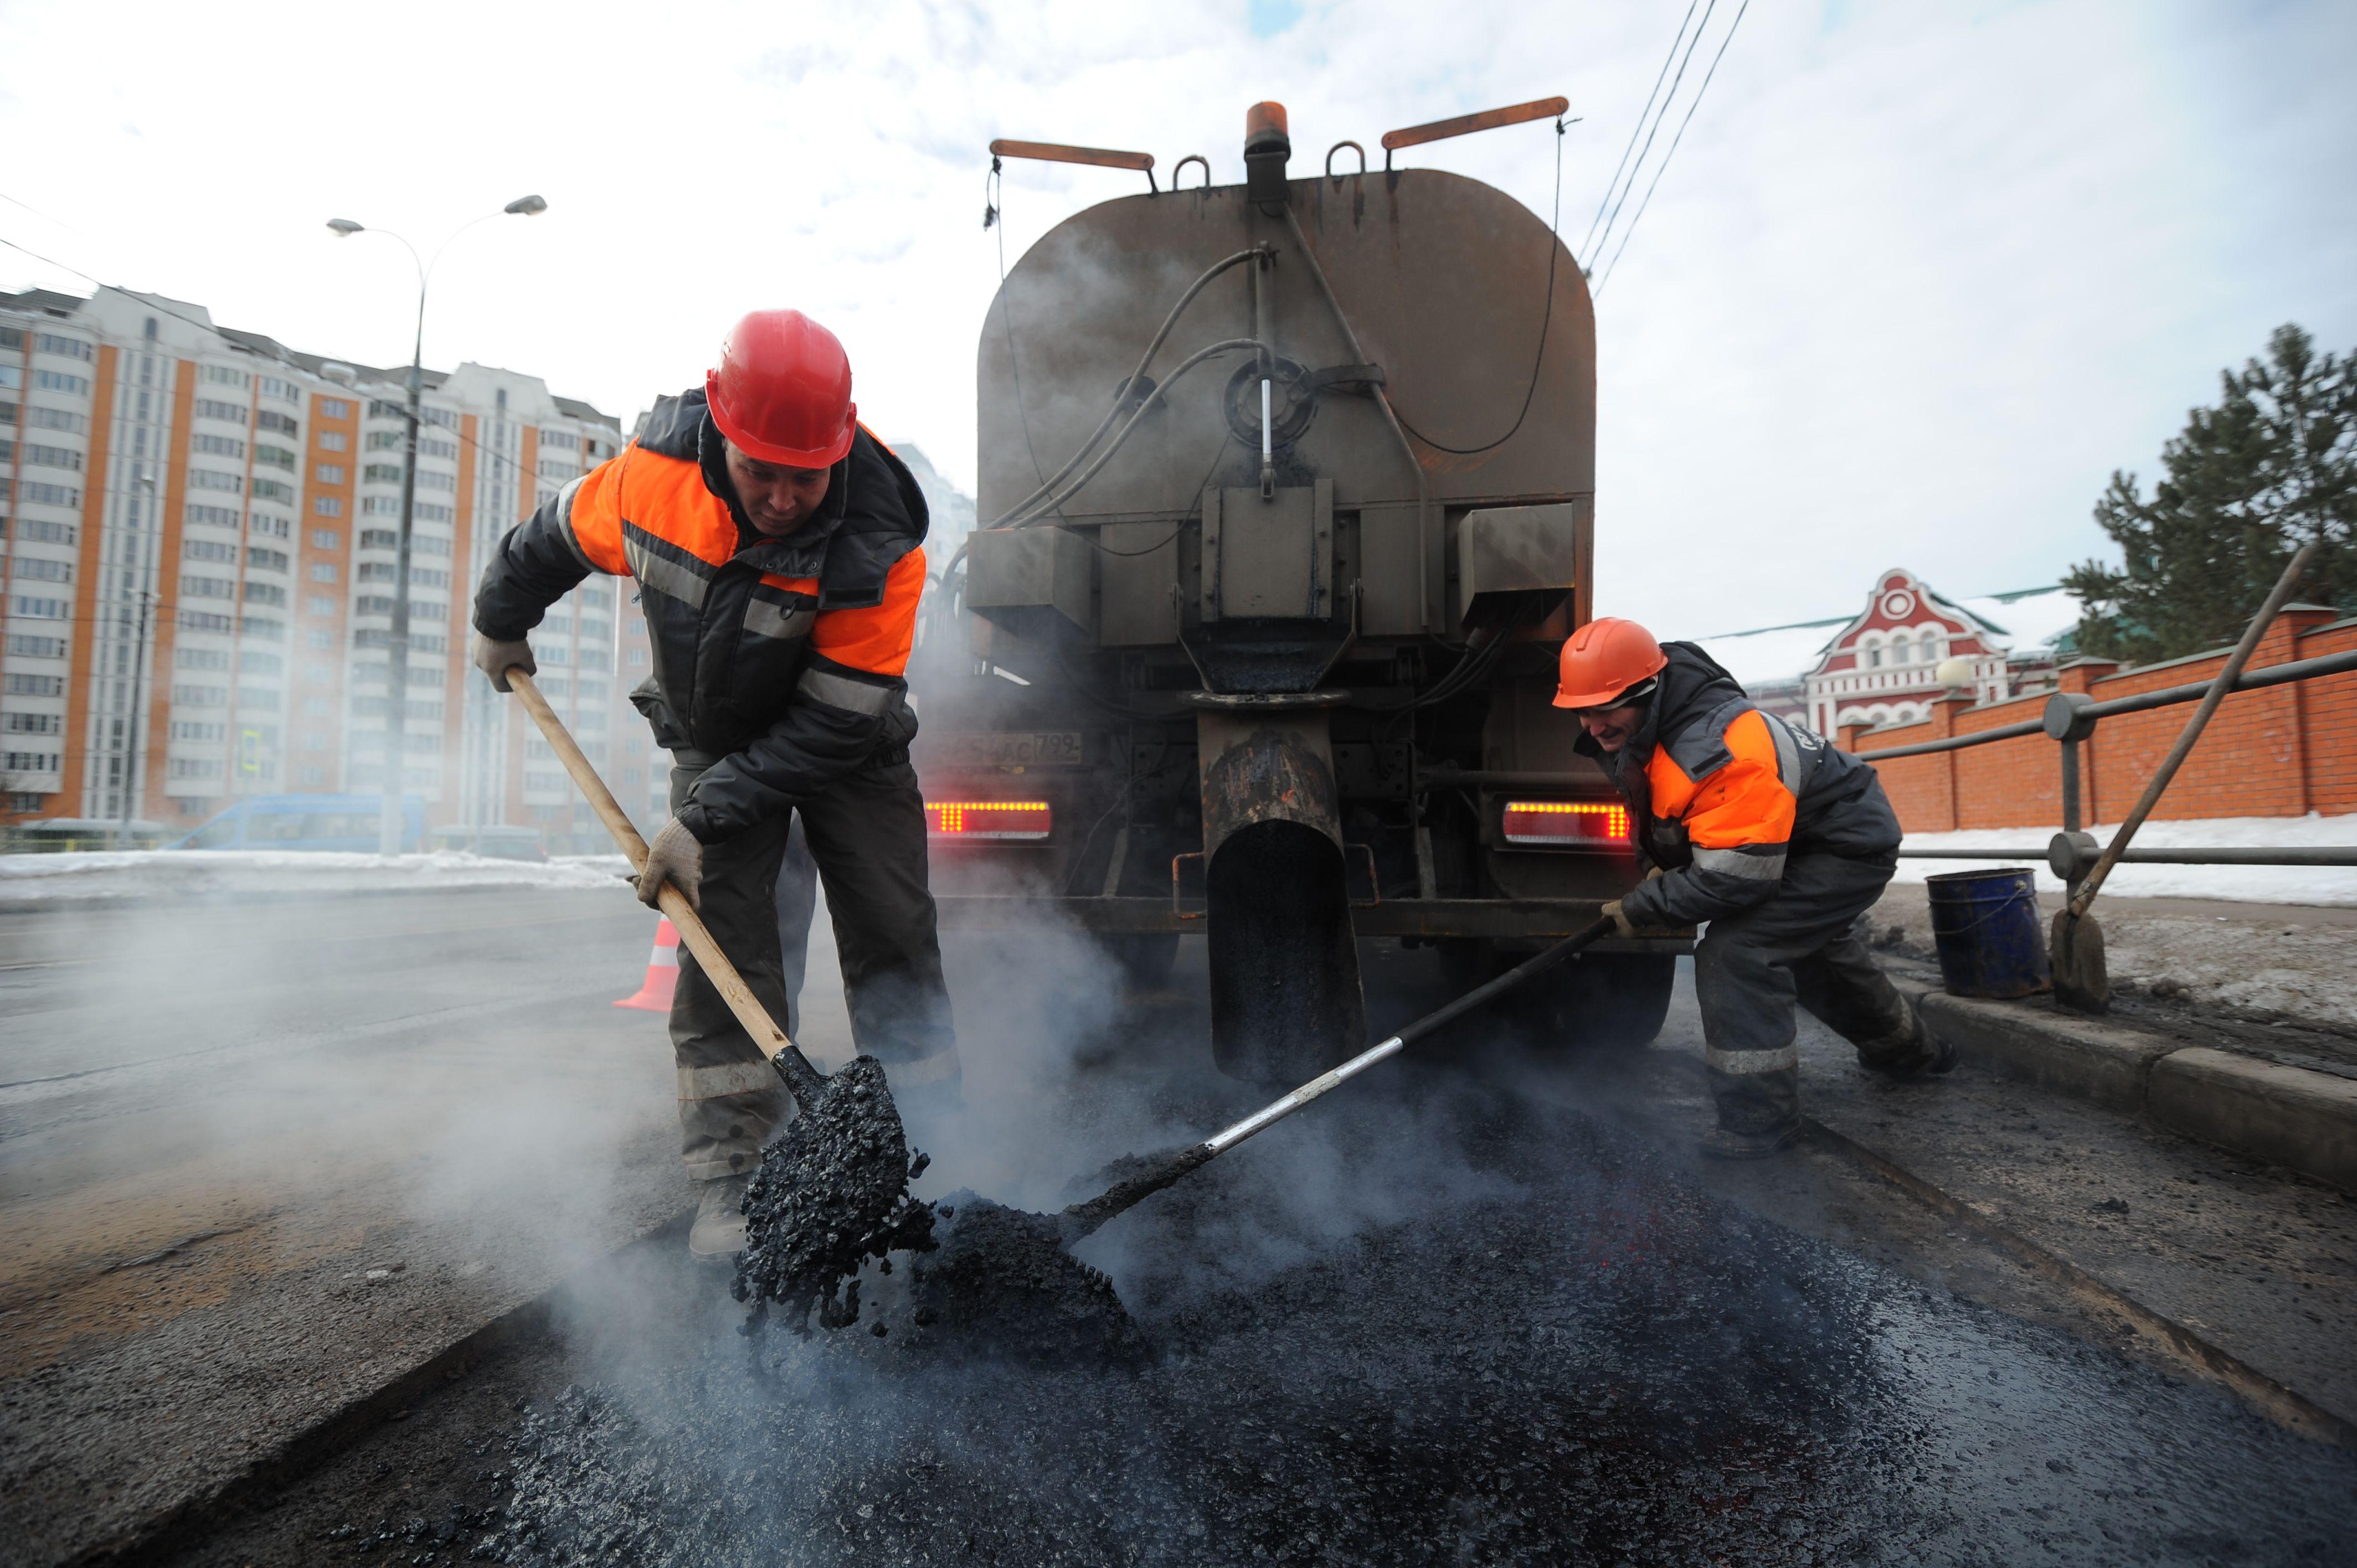 Ямы на дорогах устранят в городском округе Троицк. Фото: Светлана Колоскова, «Вечерняя Москва»